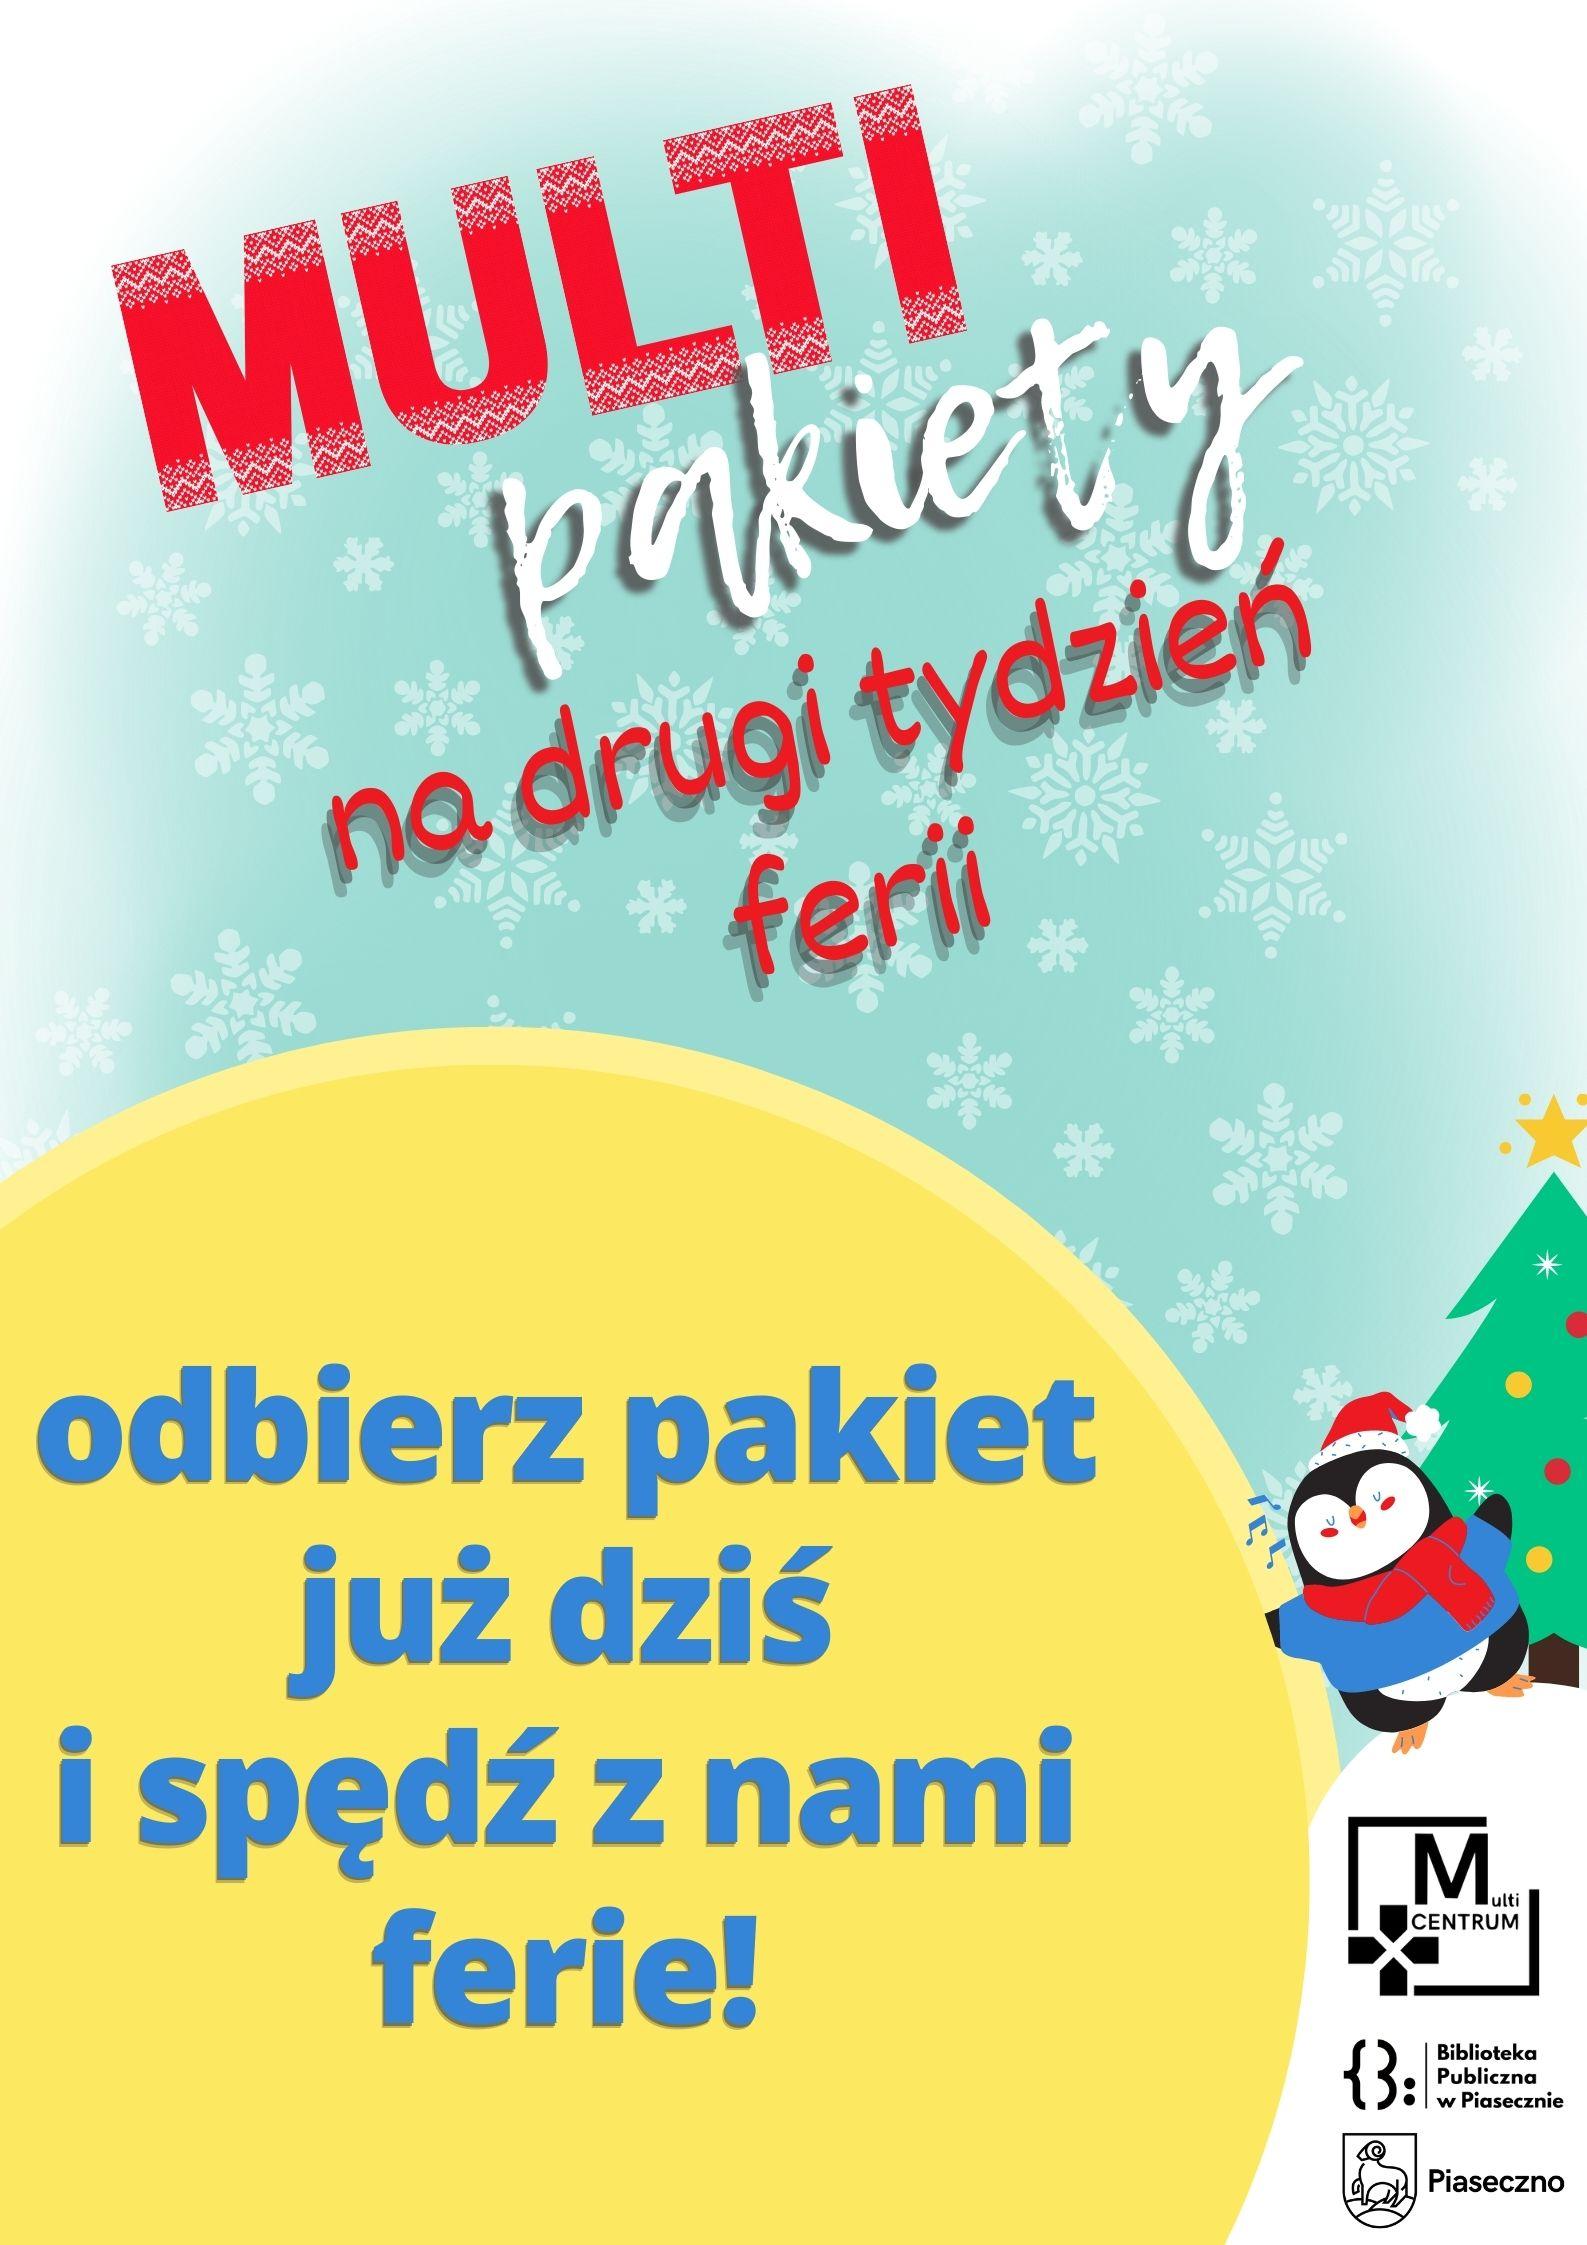 Plakat informujący o możliwości odebrania pakietów edukacyjnych do zajęć z okazji ferii zimowych z Multicentrum